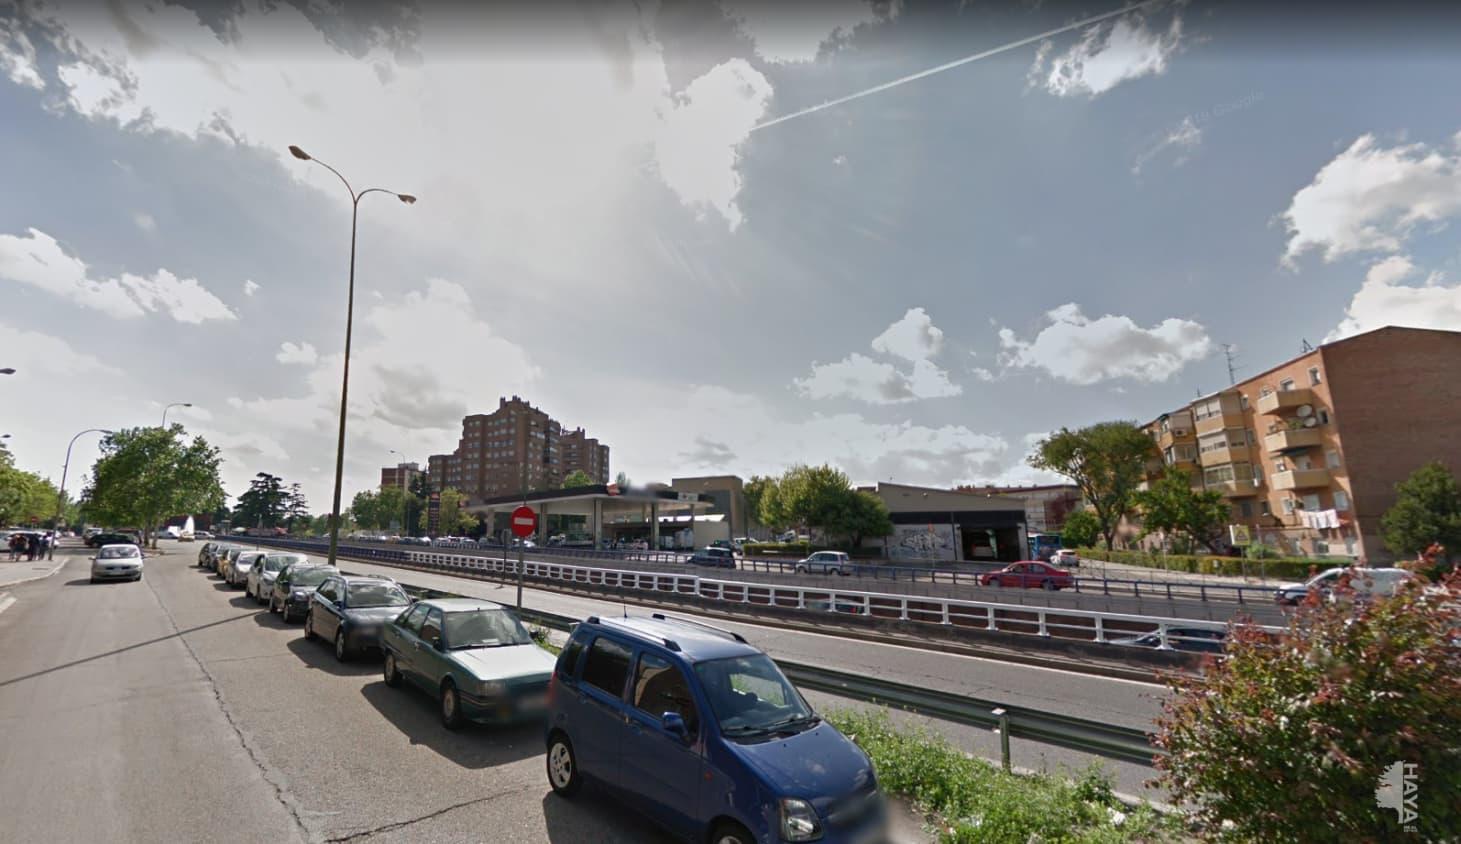 Piso en venta en Usera, Madrid, Madrid, Calle San Nicomedes, 136.193 €, 3 habitaciones, 1 baño, 85 m2